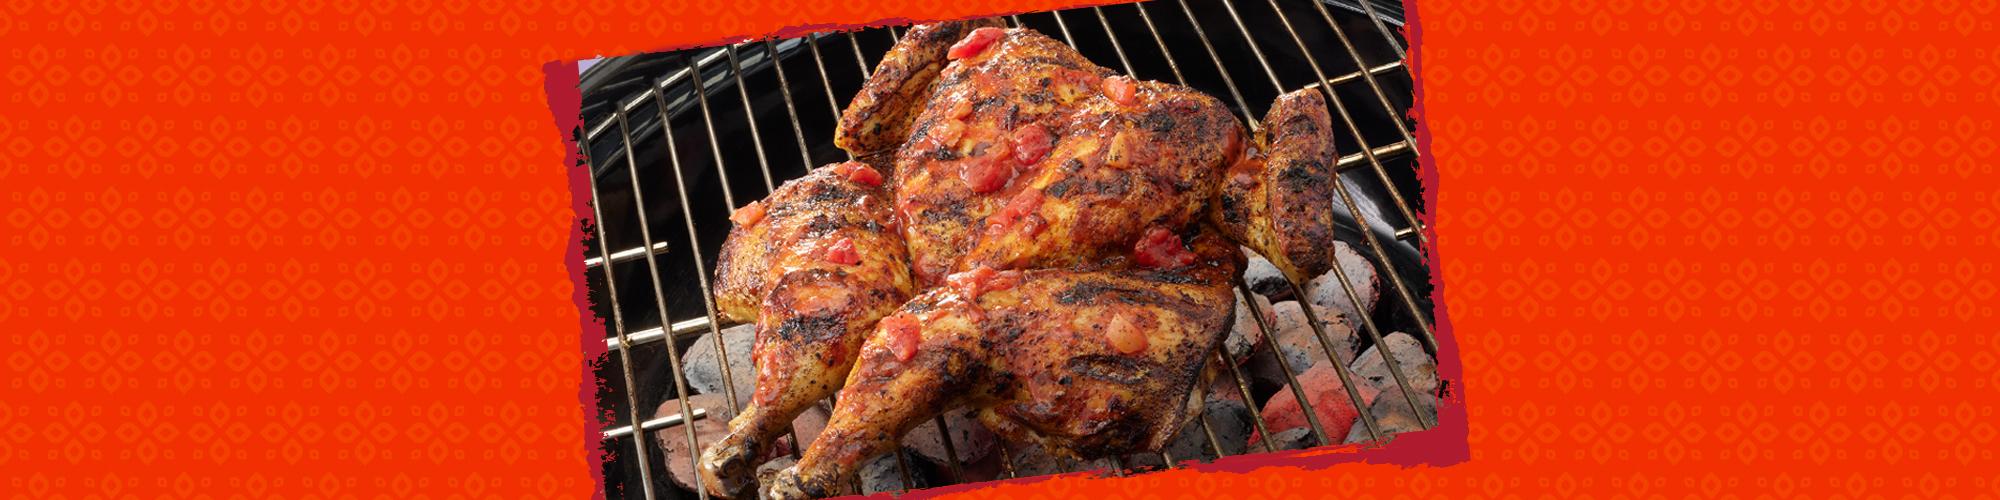 Salsas grilled spatchocked chicken